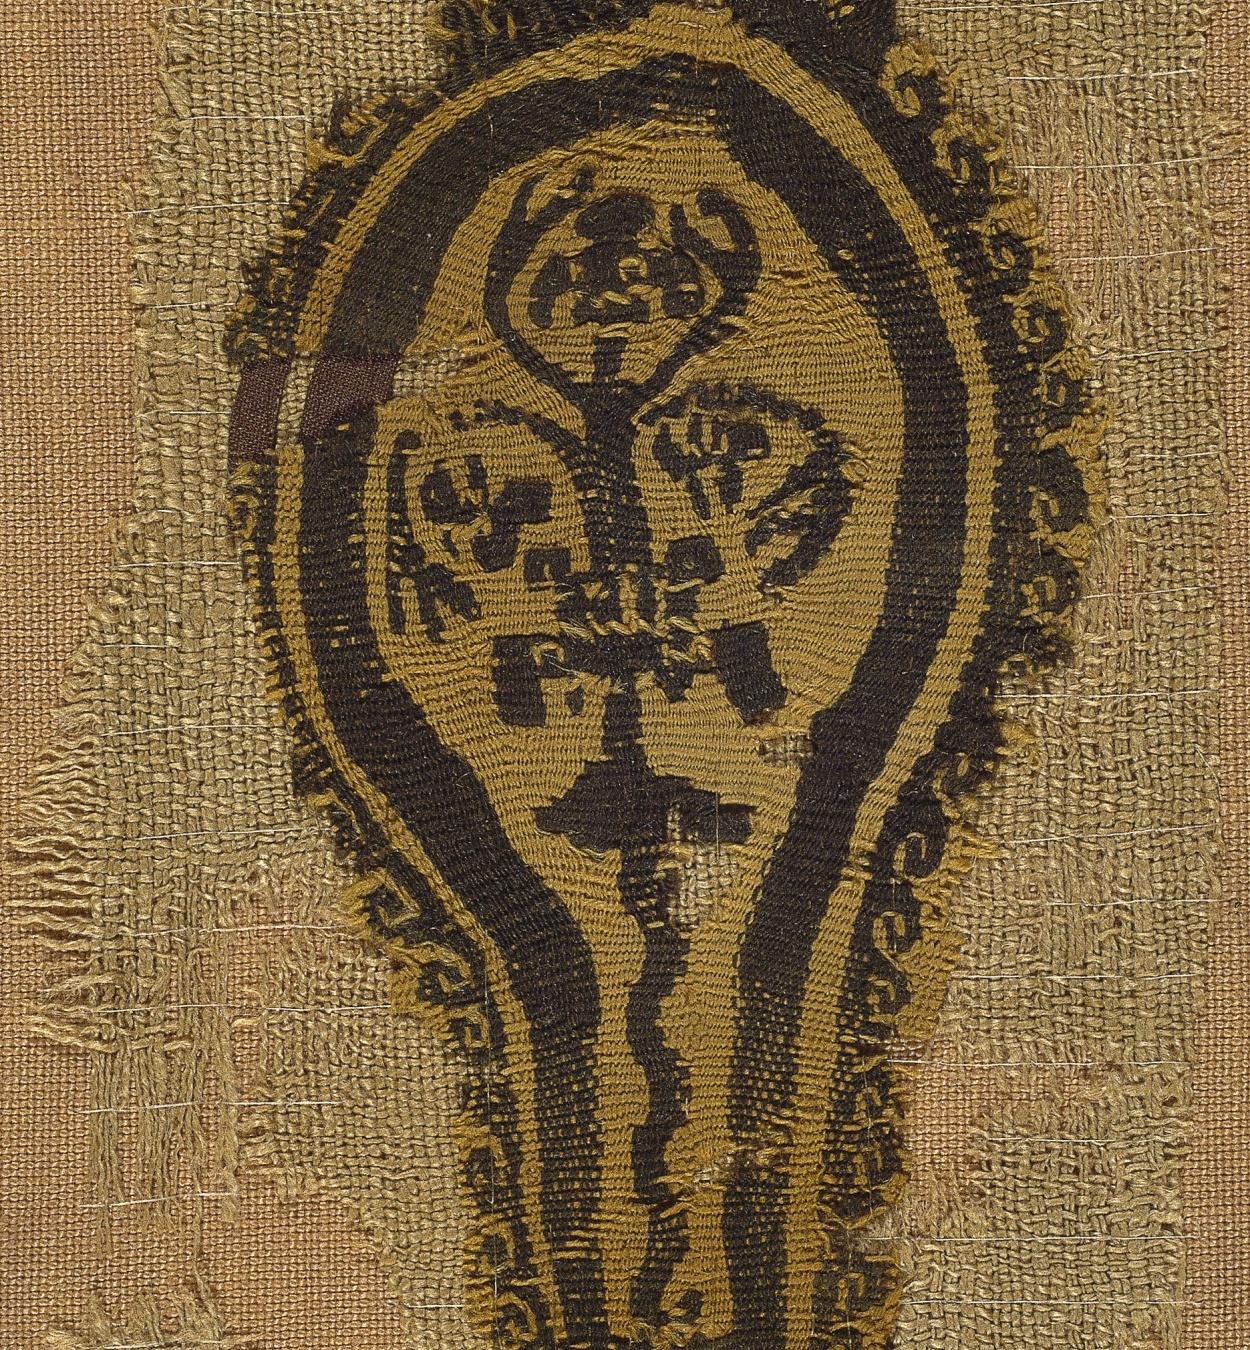 Anònim - Fragment de teixit copte amb l'arbre de la vida - Egipte, segles VIII-X